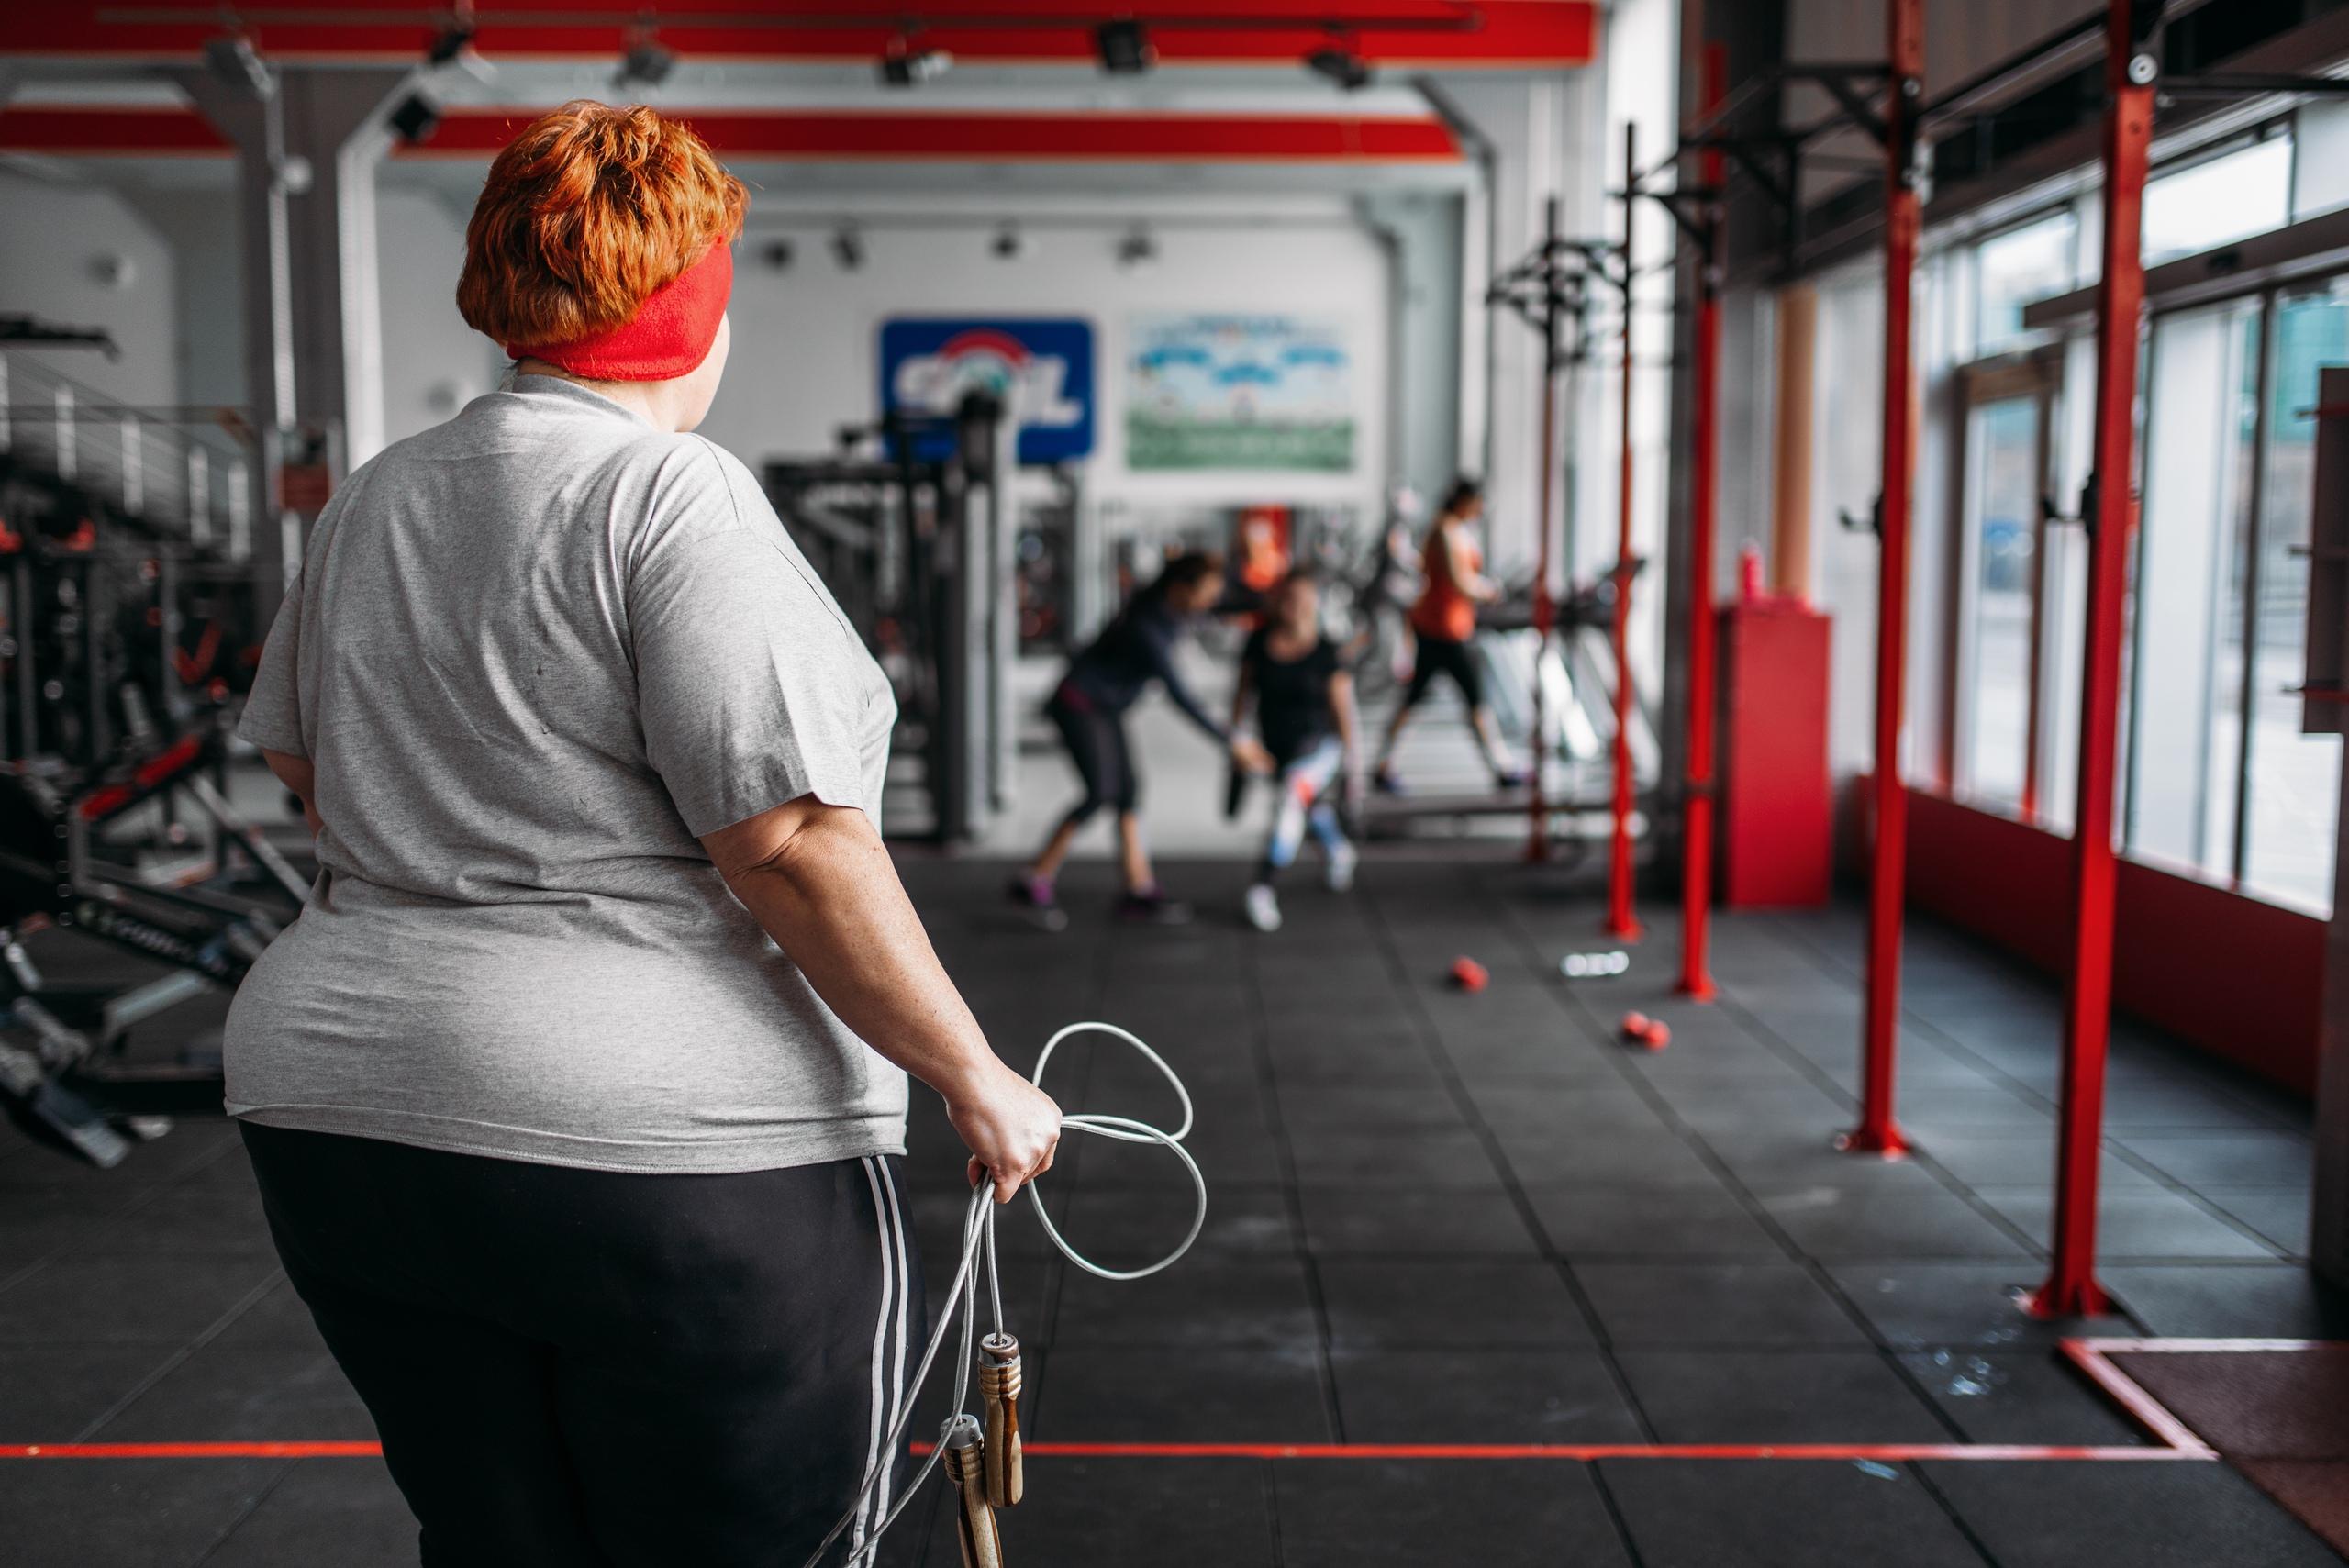 Как Сбросить Вес Ходя В Фитнес. 3 способа похудеть, не посещая спортзал